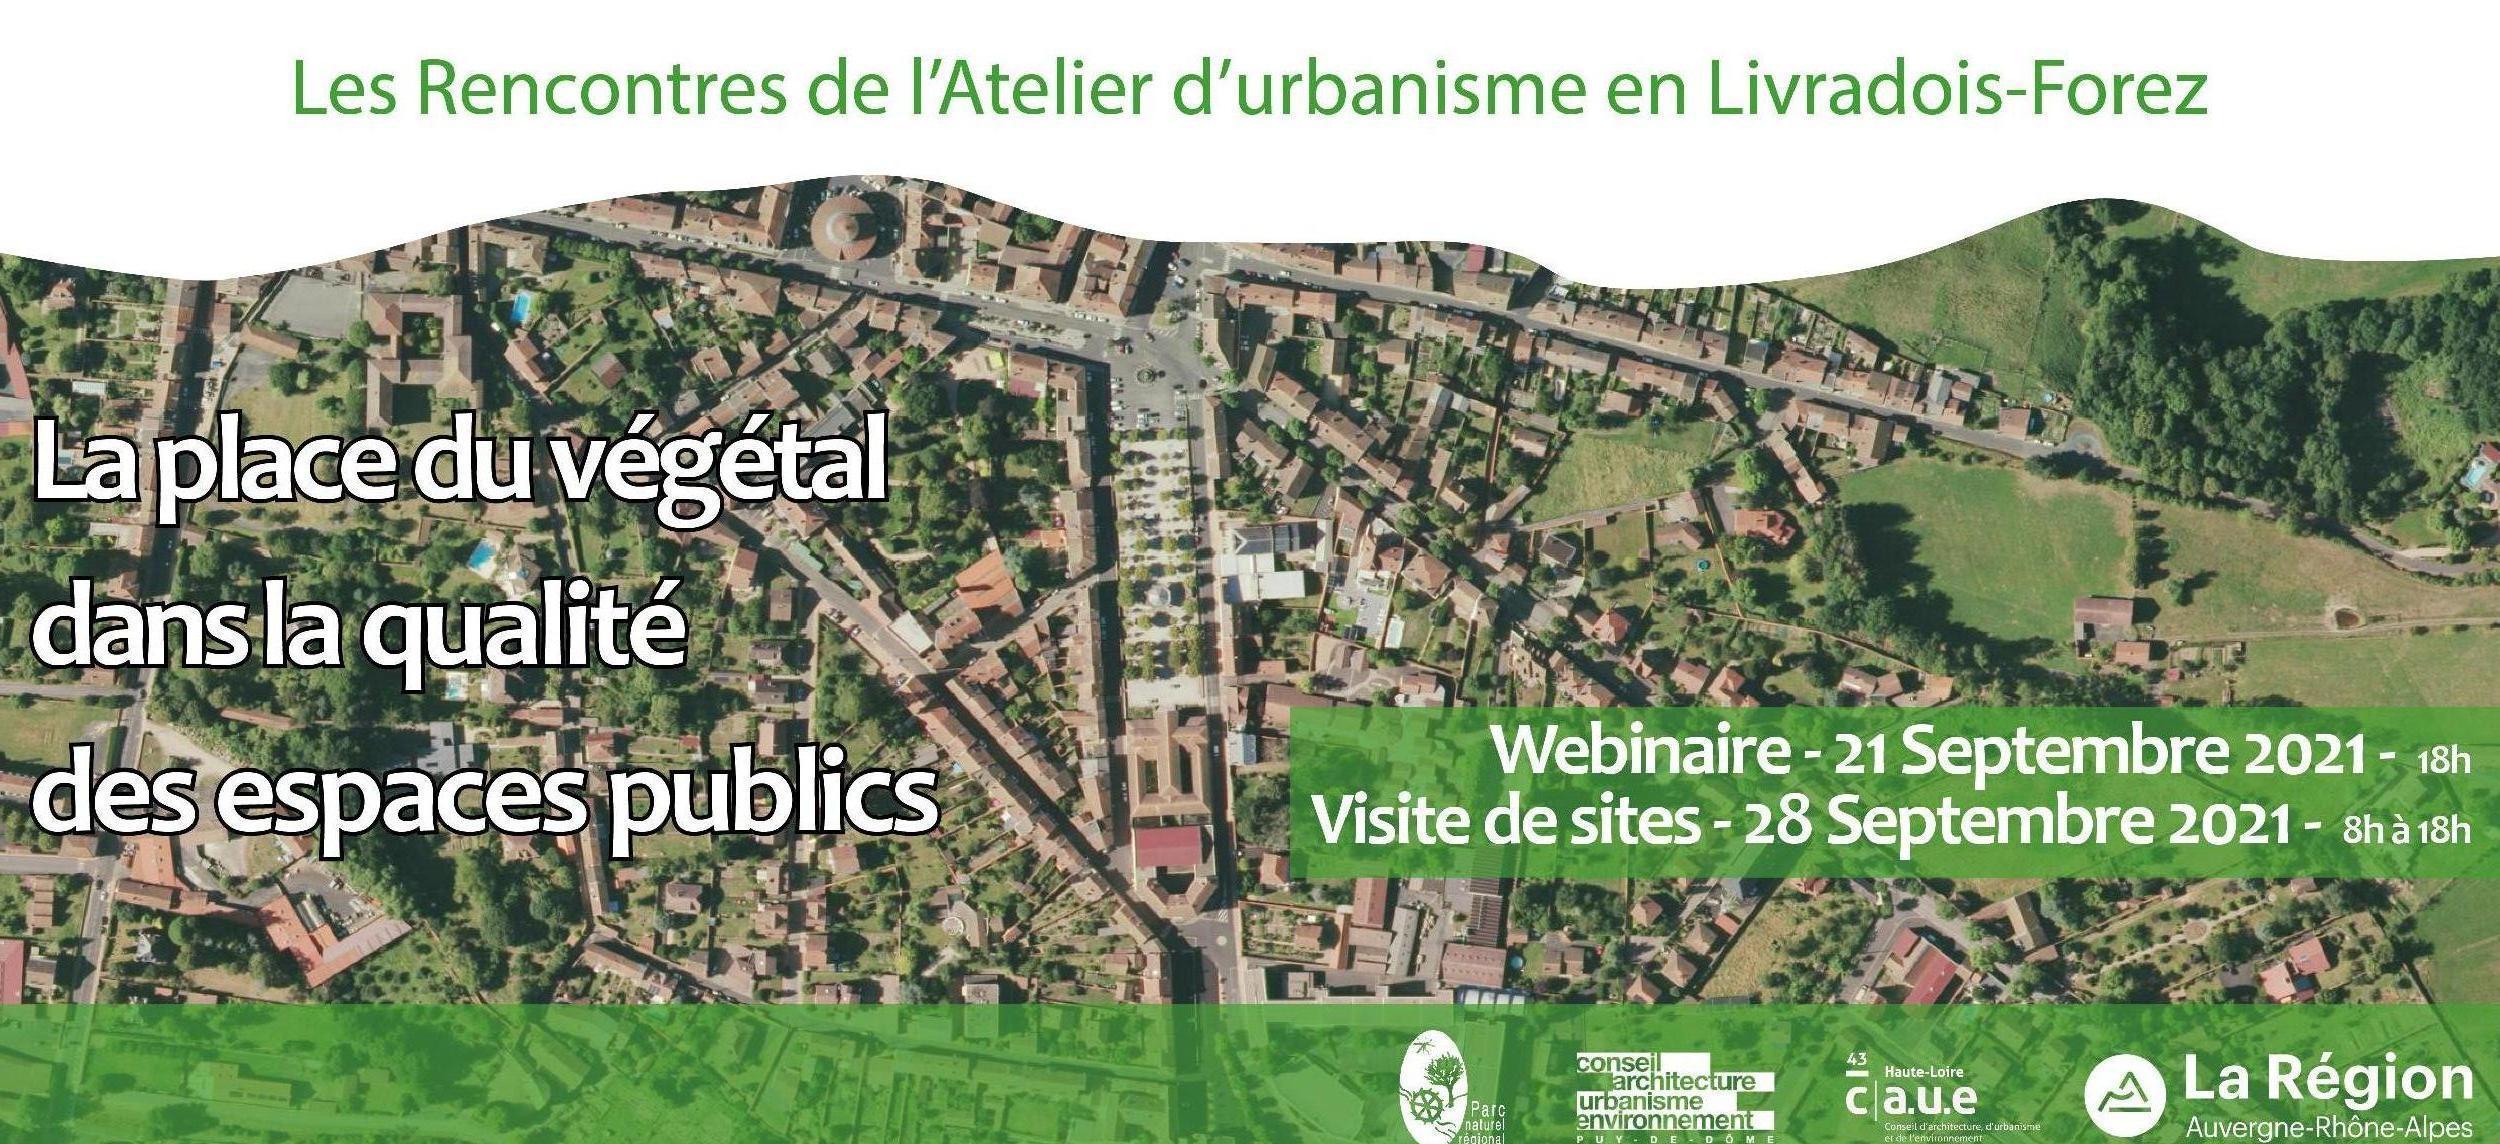 Végétal espaces publics